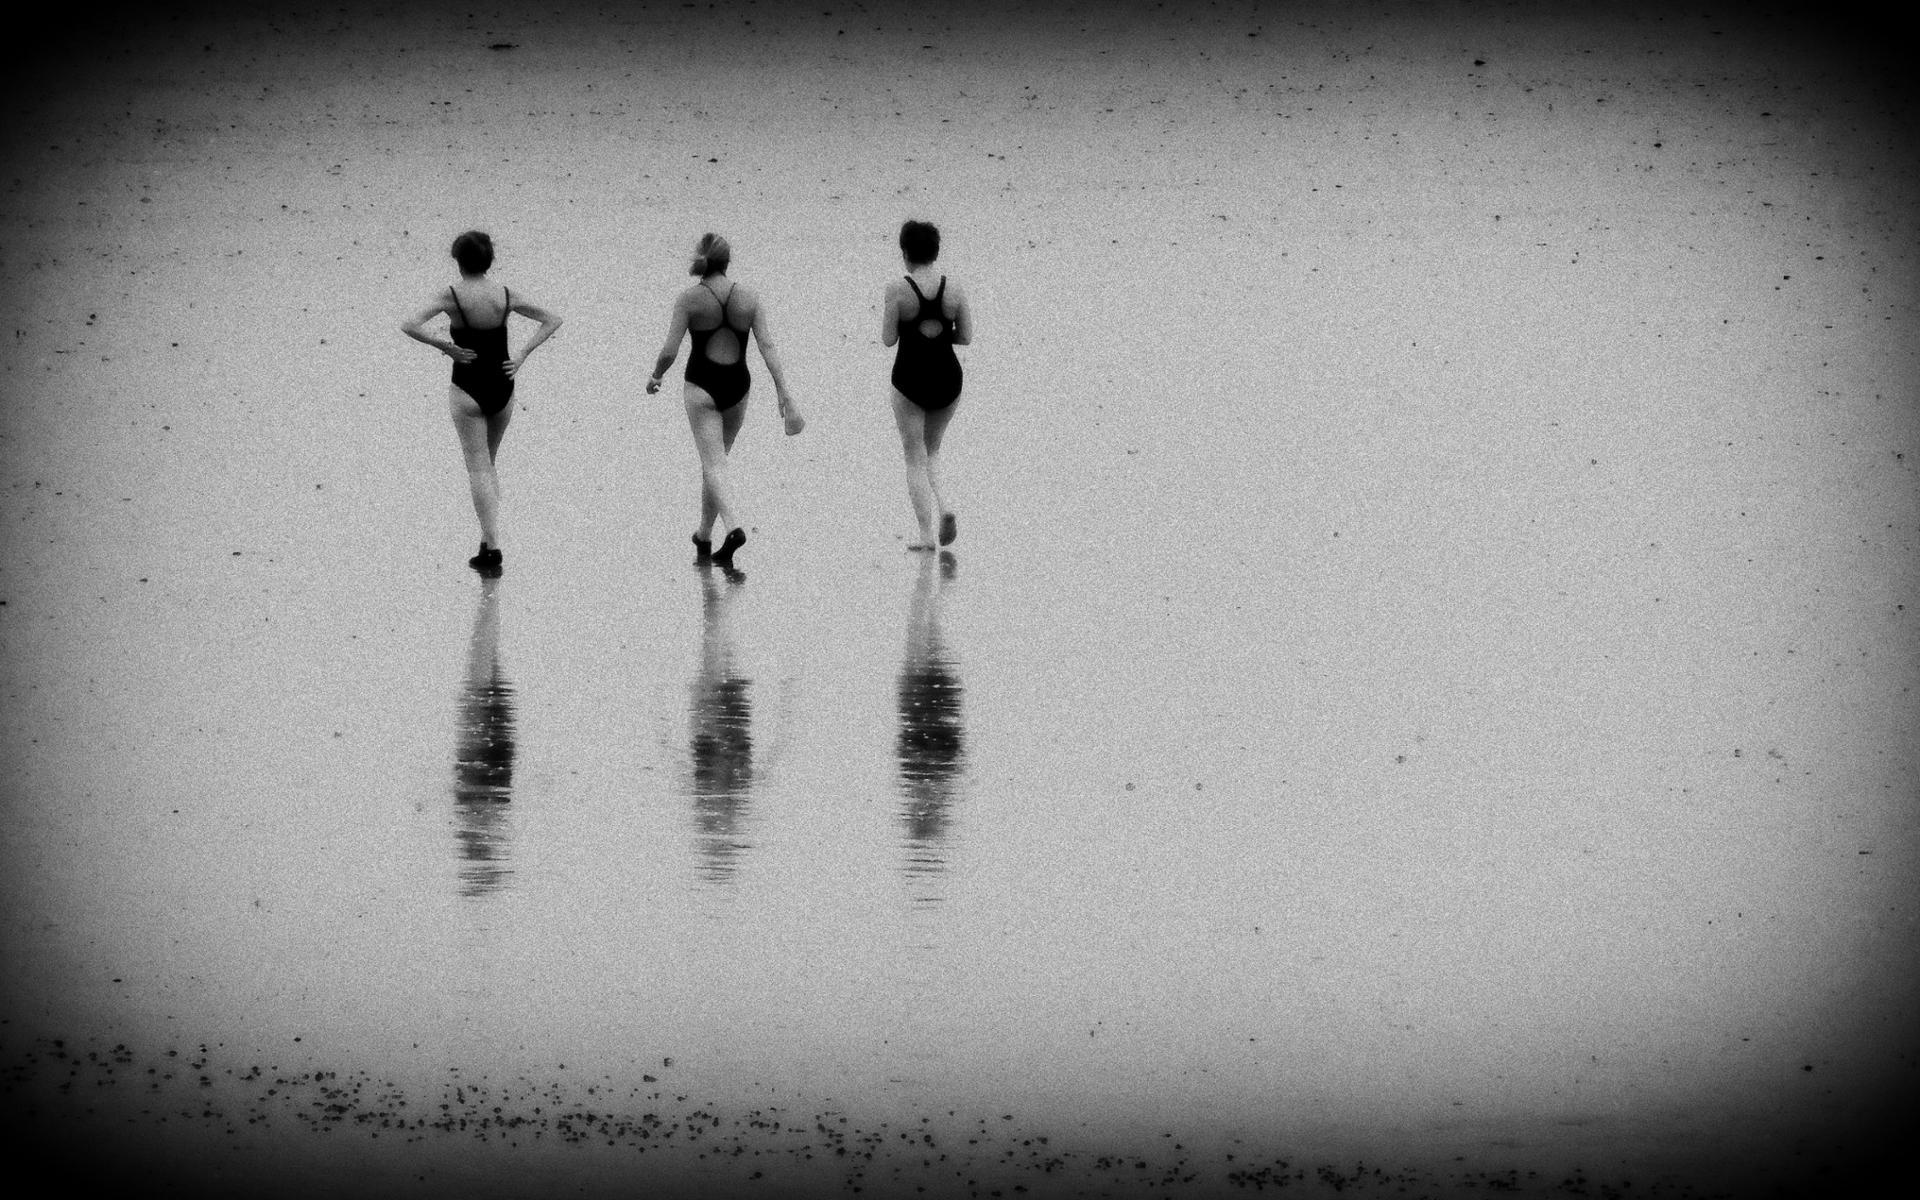 Les baigneuses ...